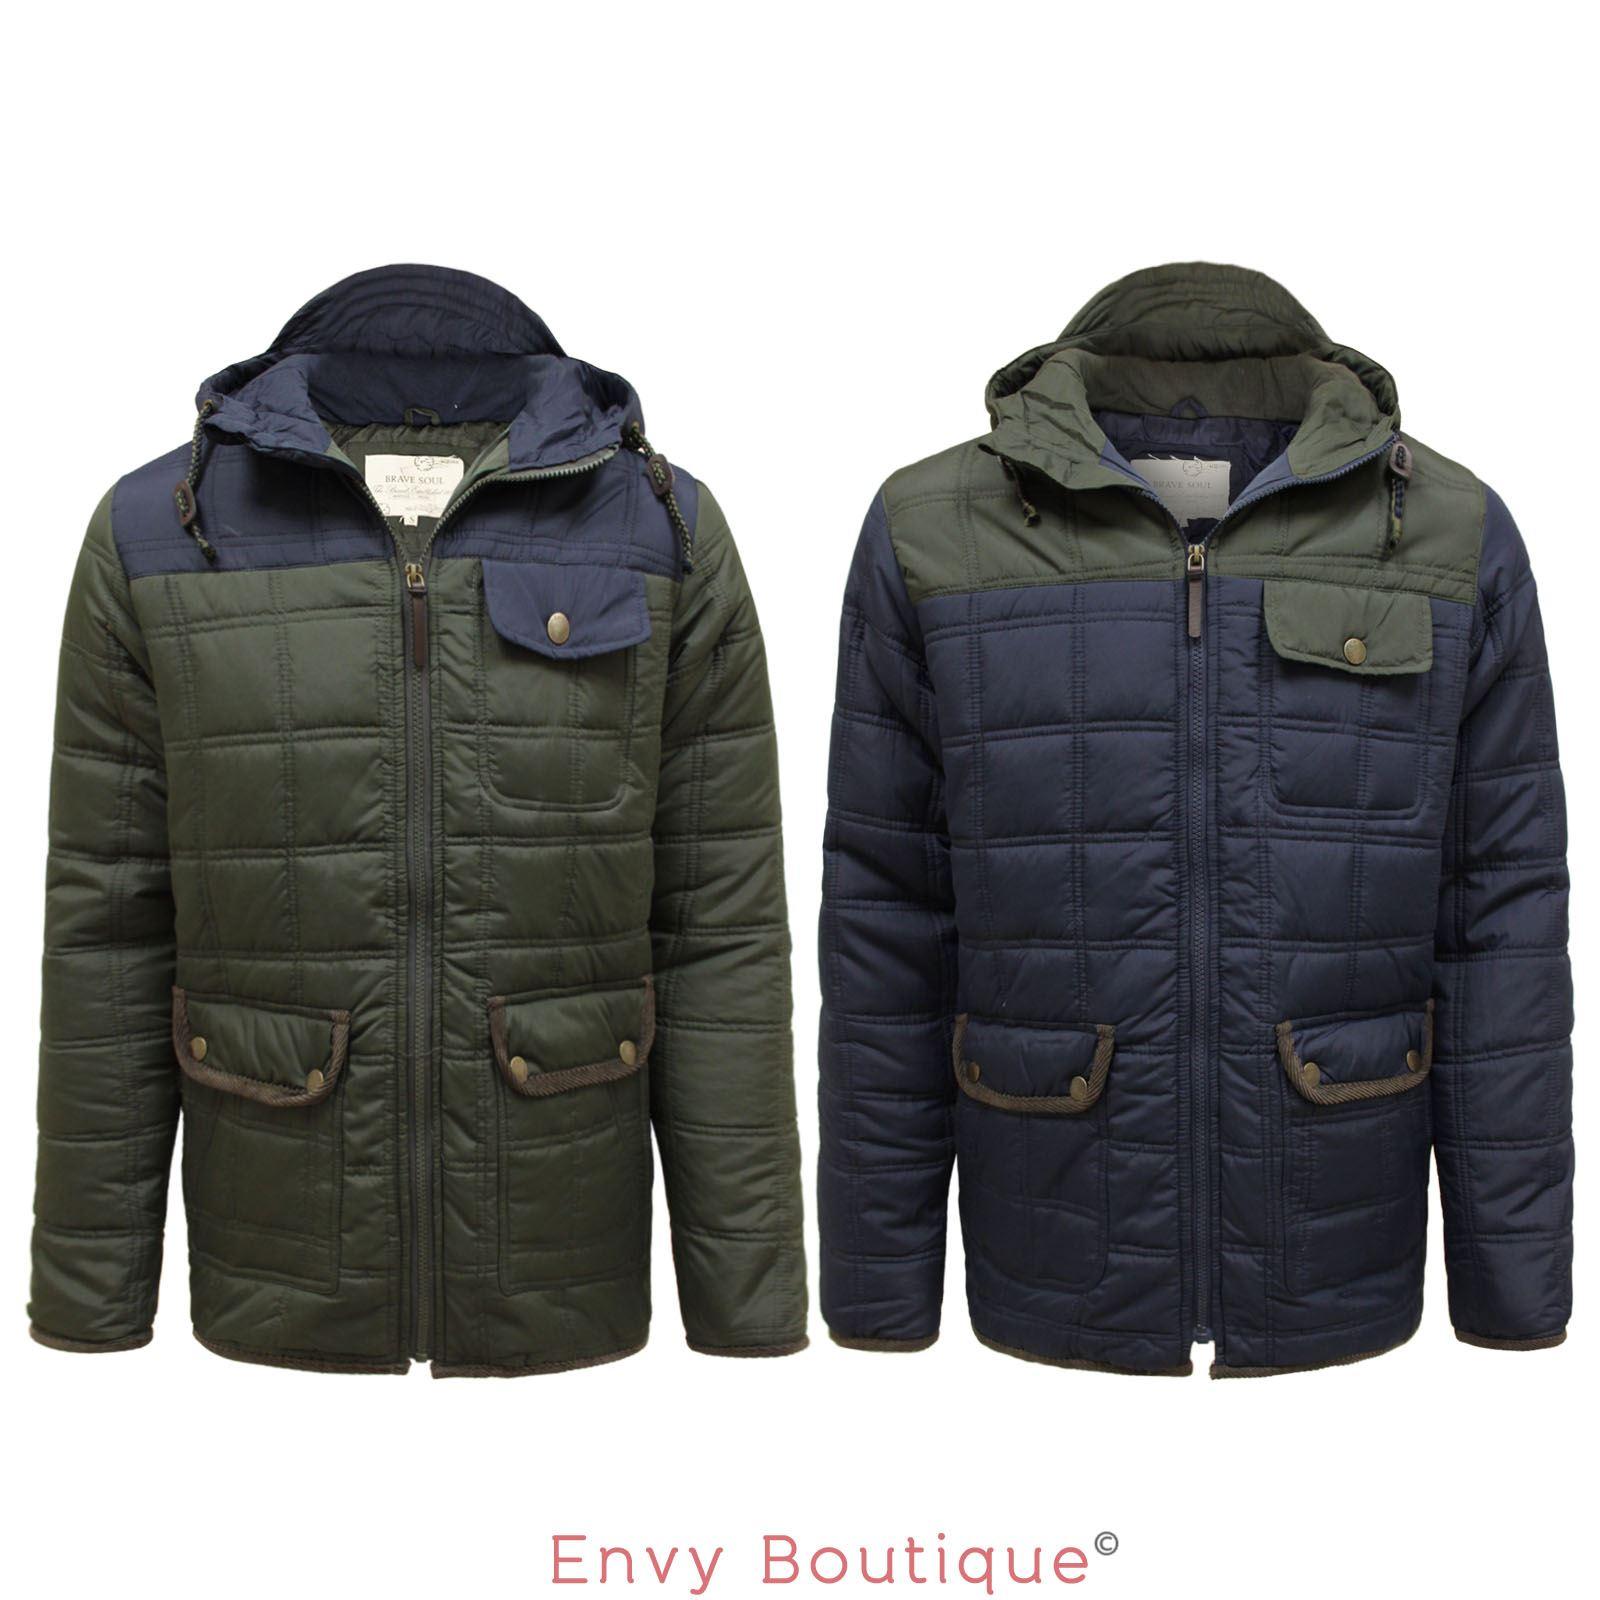 brave soul new mens designer hooded parka jacket quilted padded winter